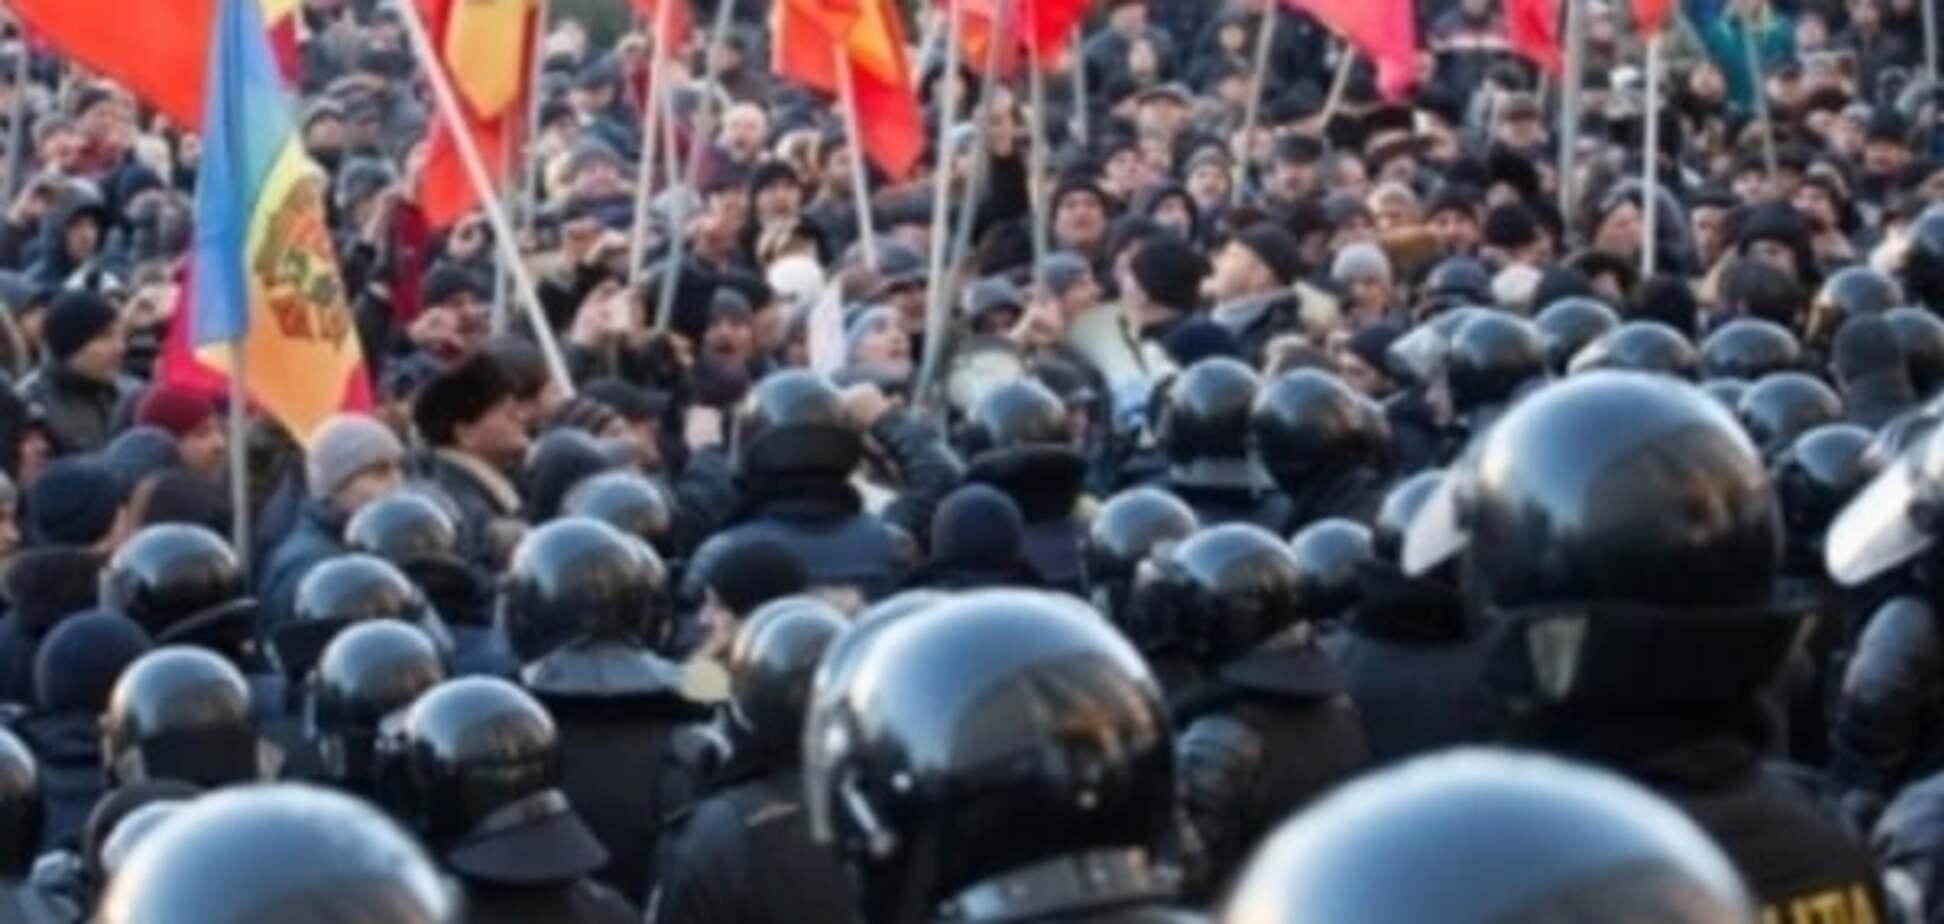 Молдавский кризис: в Кишиневе назревает Майдан против олигархов